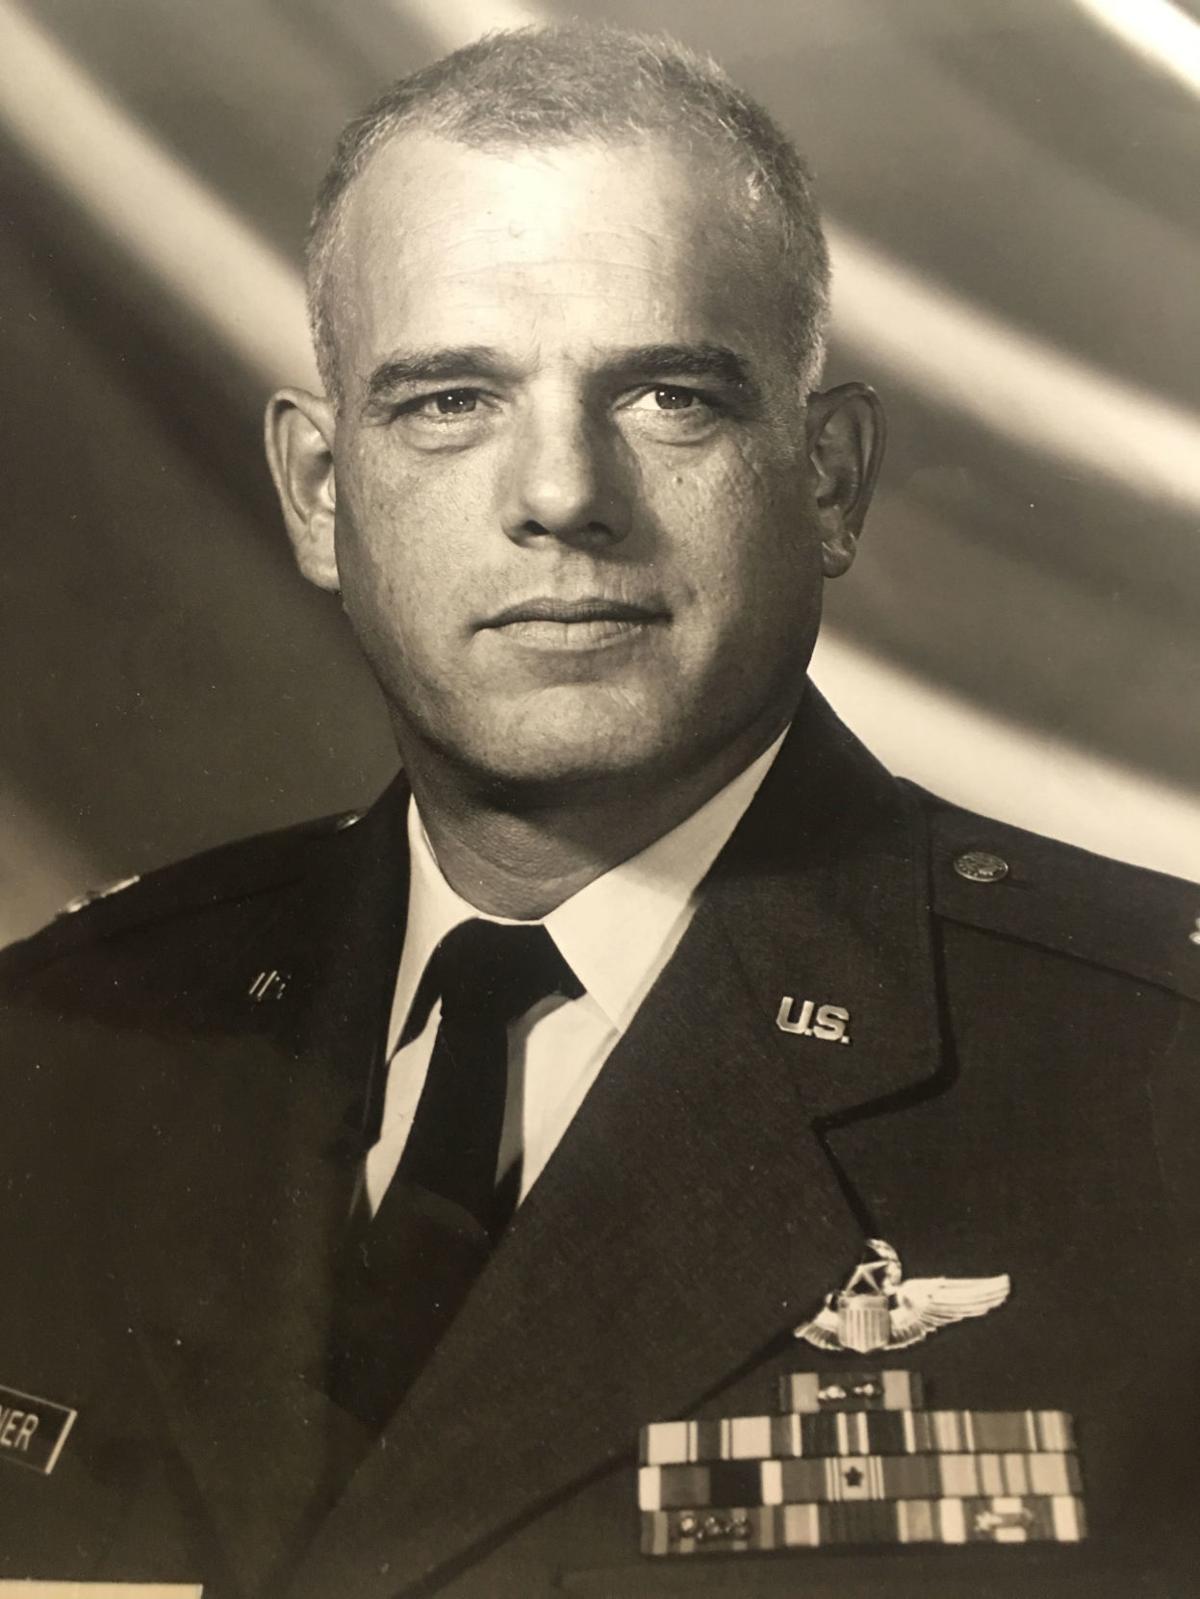 William A. Warner